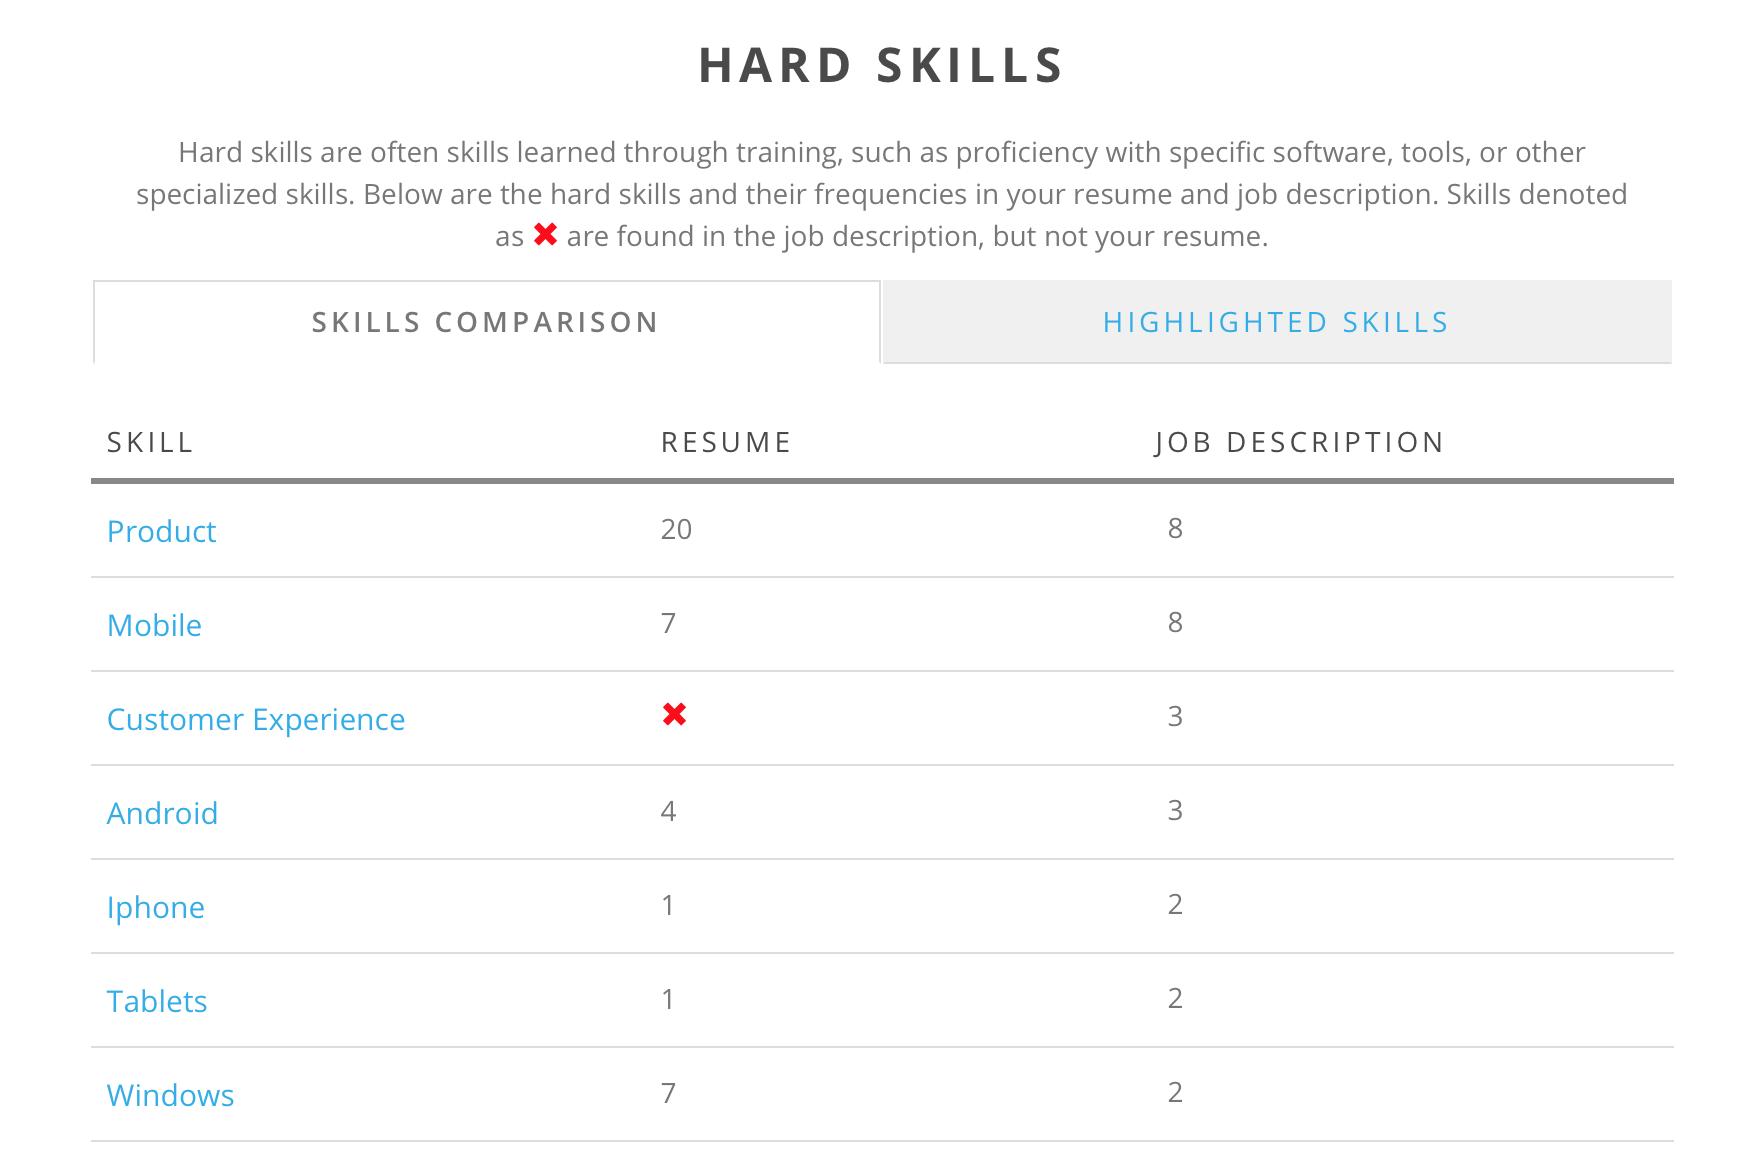 """travail à partir de l'aide à la maison Résumé """"width ="""" 1744 """"height ="""" 1164 """"/> </p> <p> L'utilisation de Jobscan peut aider à améliorer votre CV, ce qui peut mener à des interviews encore plus éloignées! Vous pouvez essayer gratuitement Jobscan et commencer à optimiser votre CV aujourd'hui. Assurez-vous de vous arrêter dans leur blog pour des conseils de CV encore plus utiles et des ressources professionnelles gratuites. </p> <h2> Créer un curriculum vitae à distance </h2> <p> Rappelez-vous, bien qu'il soit facile de télécharger le même CV à chaque travail à distance que vous postulez, il ne produira pas les meilleurs résultats. Au lieu de cela, prenez le temps de créer un mot-clé optimiser chaque résumé que vous soumettez! Dans le monde de la recherche d'emplois à distance, il ne s'agit pas de la quantité d'applications que vous envoyez, mais de la qualité. Prêt à mettre ce curriculum vitae en action? Assurez-vous de consulter mes 22 blogs, sites Web et forums d'emplois préférés pour des emplois légitimes à domicile. </p> <p> Se sentir coincé? Avoir une question? Frappez-moi avec eux dans les commentaires ci-dessous! Je suis toujours heureux de vous aider. </p> <p> Heureusement, </p> <p> Ashlee </p> <p> P.S. <em> Cette publication contient des liens d'affiliation pour Jobscan. Je ne recommande que les produits que j'utilise et fais confiance. En savoir plus sur mon utilisation des liens d'affiliation en lisant mon énoncé de divulgation! </em> </p> <div class="""